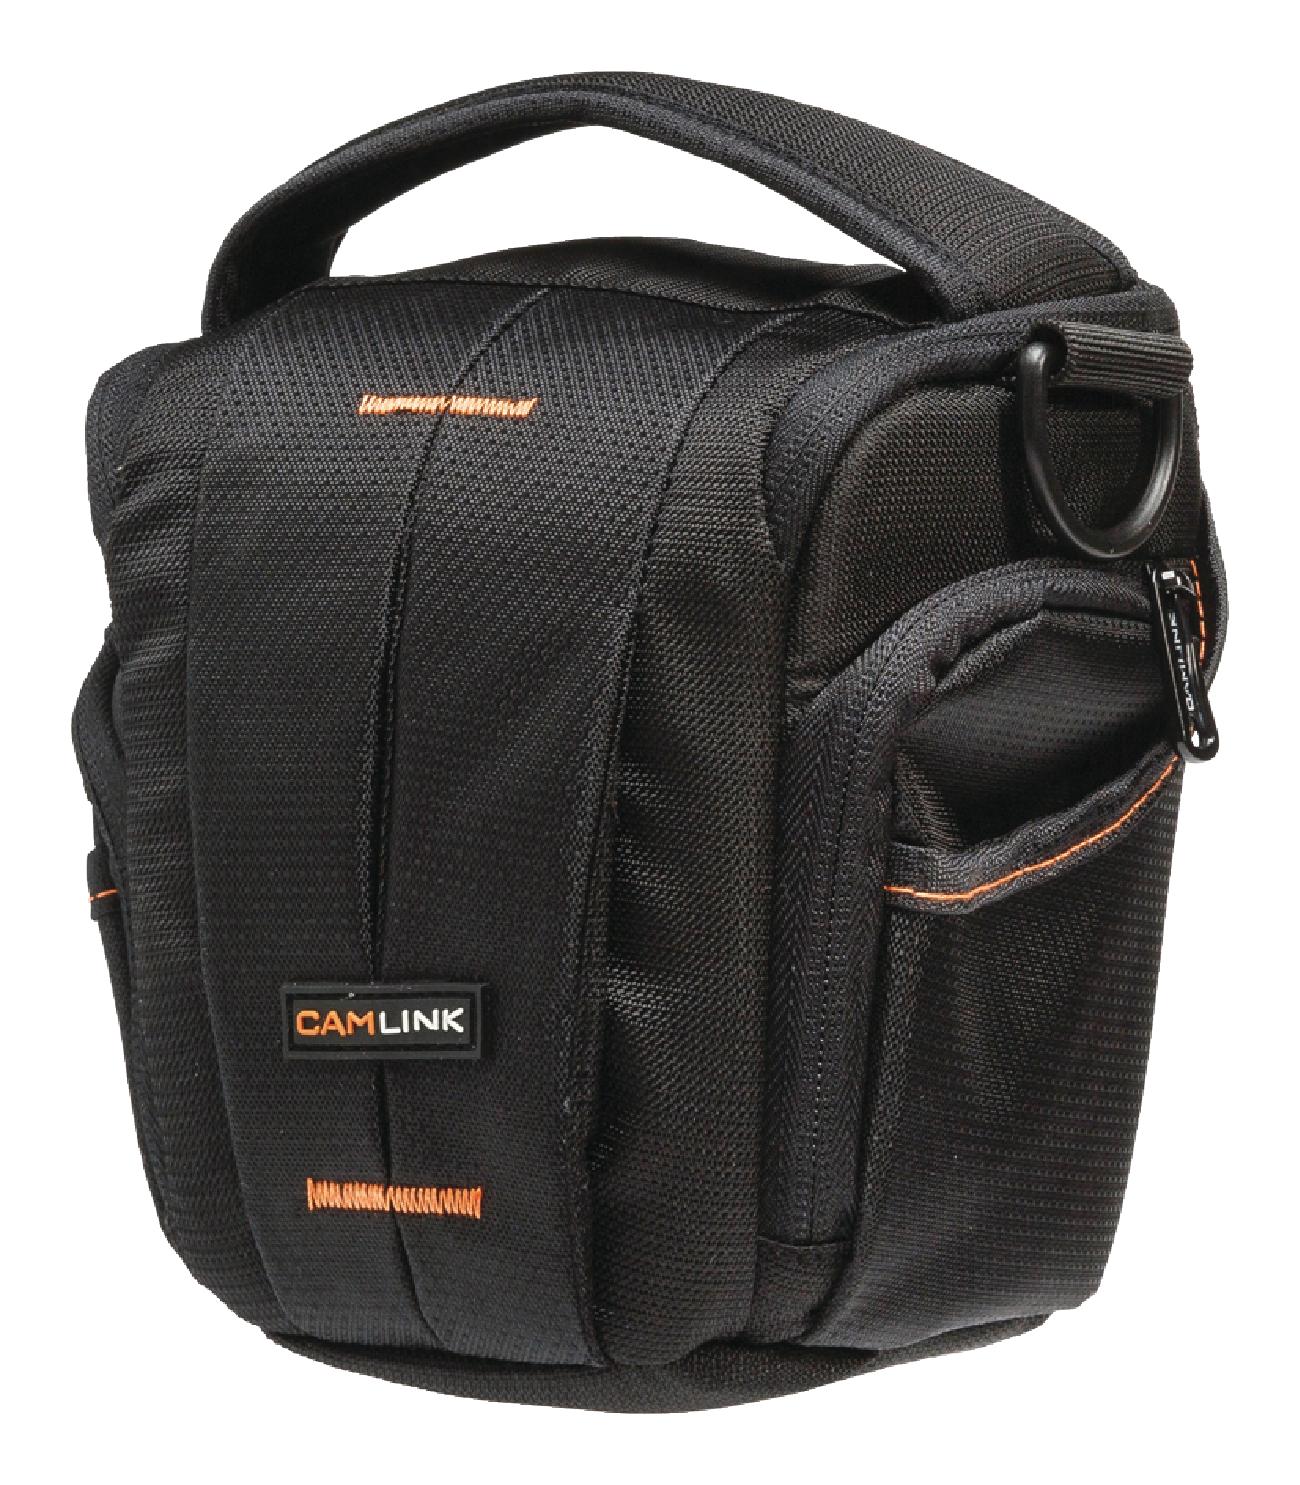 kamera-umhangetasche-160-185-x-145-schwarz-orange